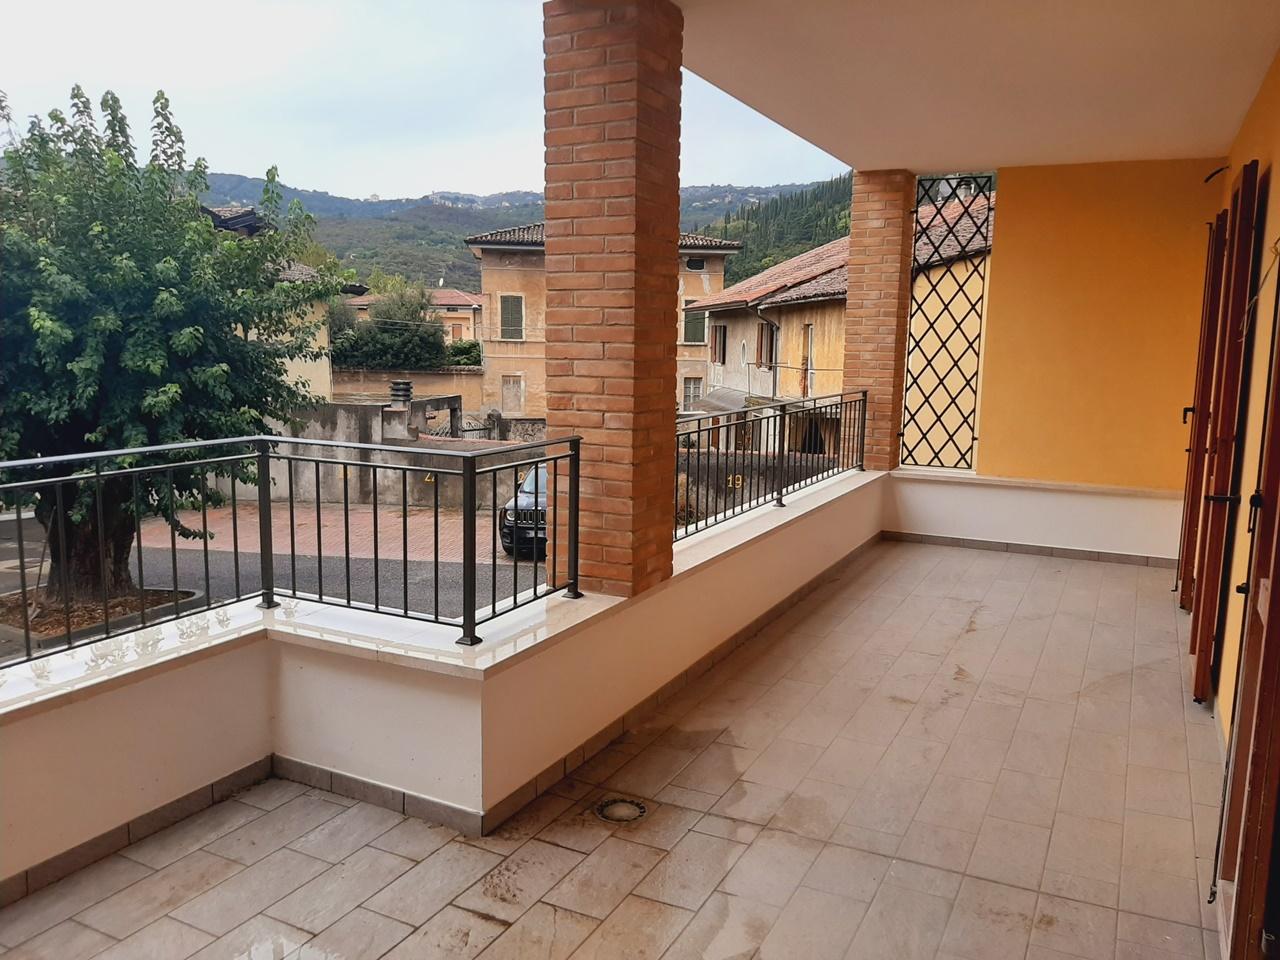 Appartamento in vendita a Paitone, 4 locali, prezzo € 340.000 | PortaleAgenzieImmobiliari.it